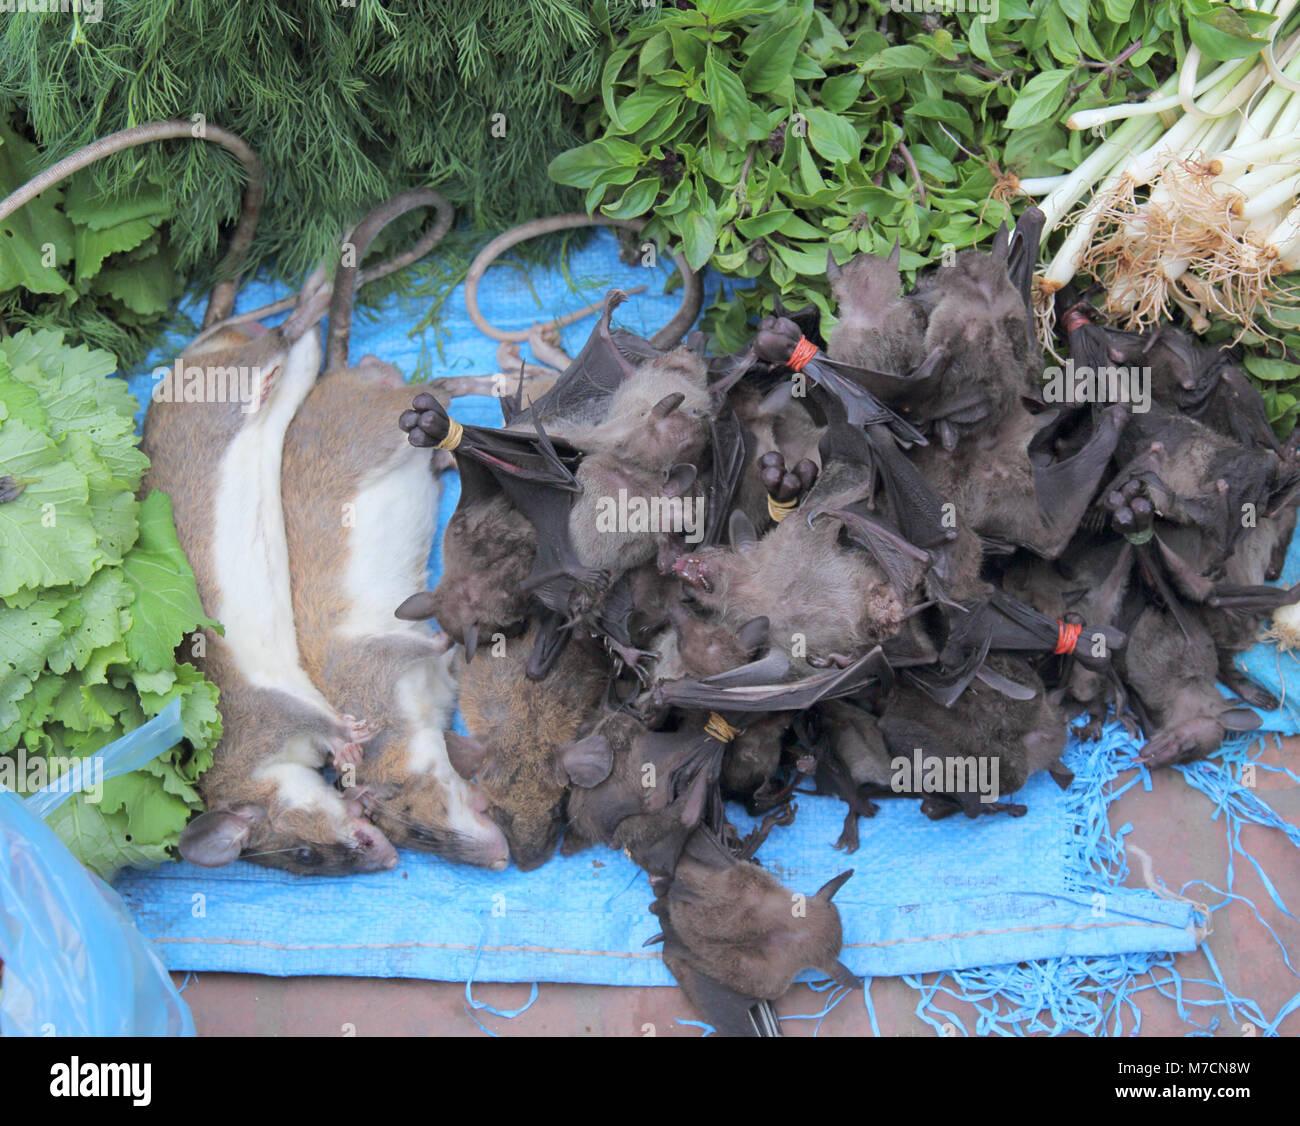 Ratten und Fledermäuse in den Morgen Markt in Luang Prabang Laos Stockbild